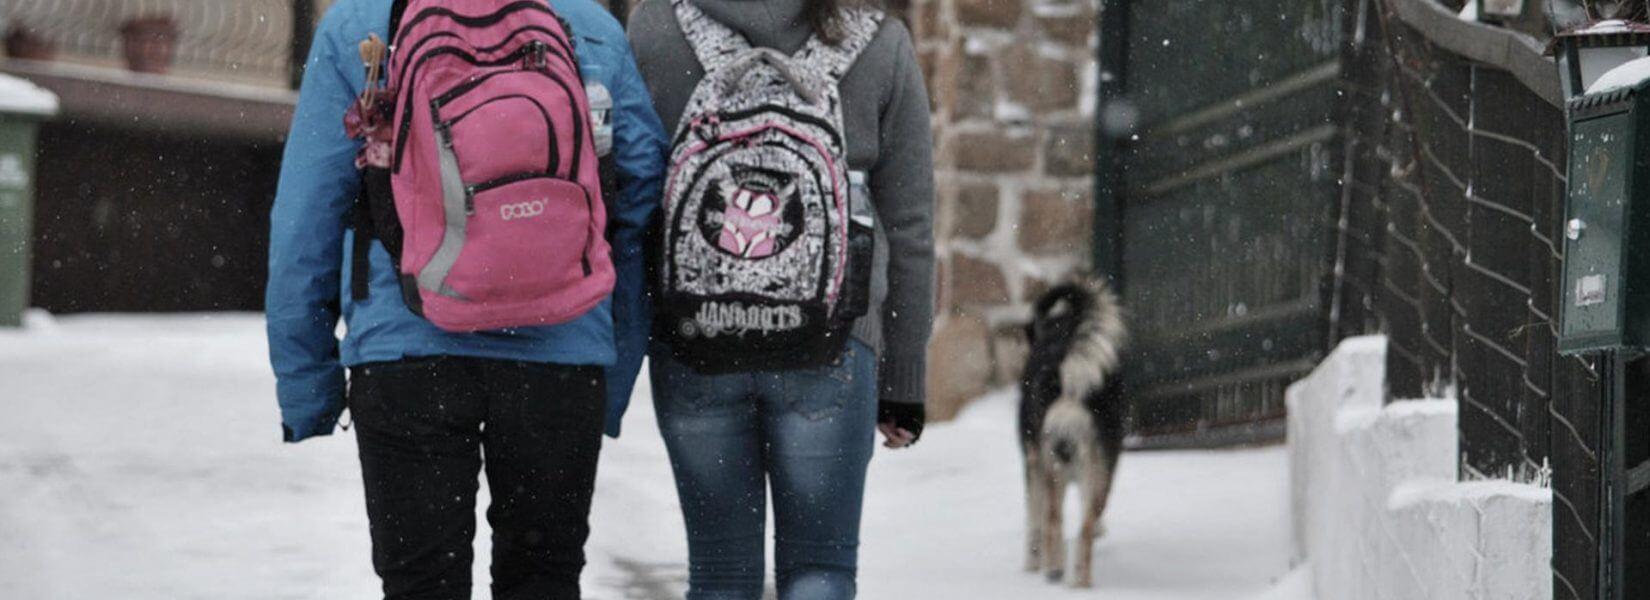 Κακοκαιρία: Ποια σχολεία κλείνουν & πως θα λειτουργήσει η τηλεκπαίδευση